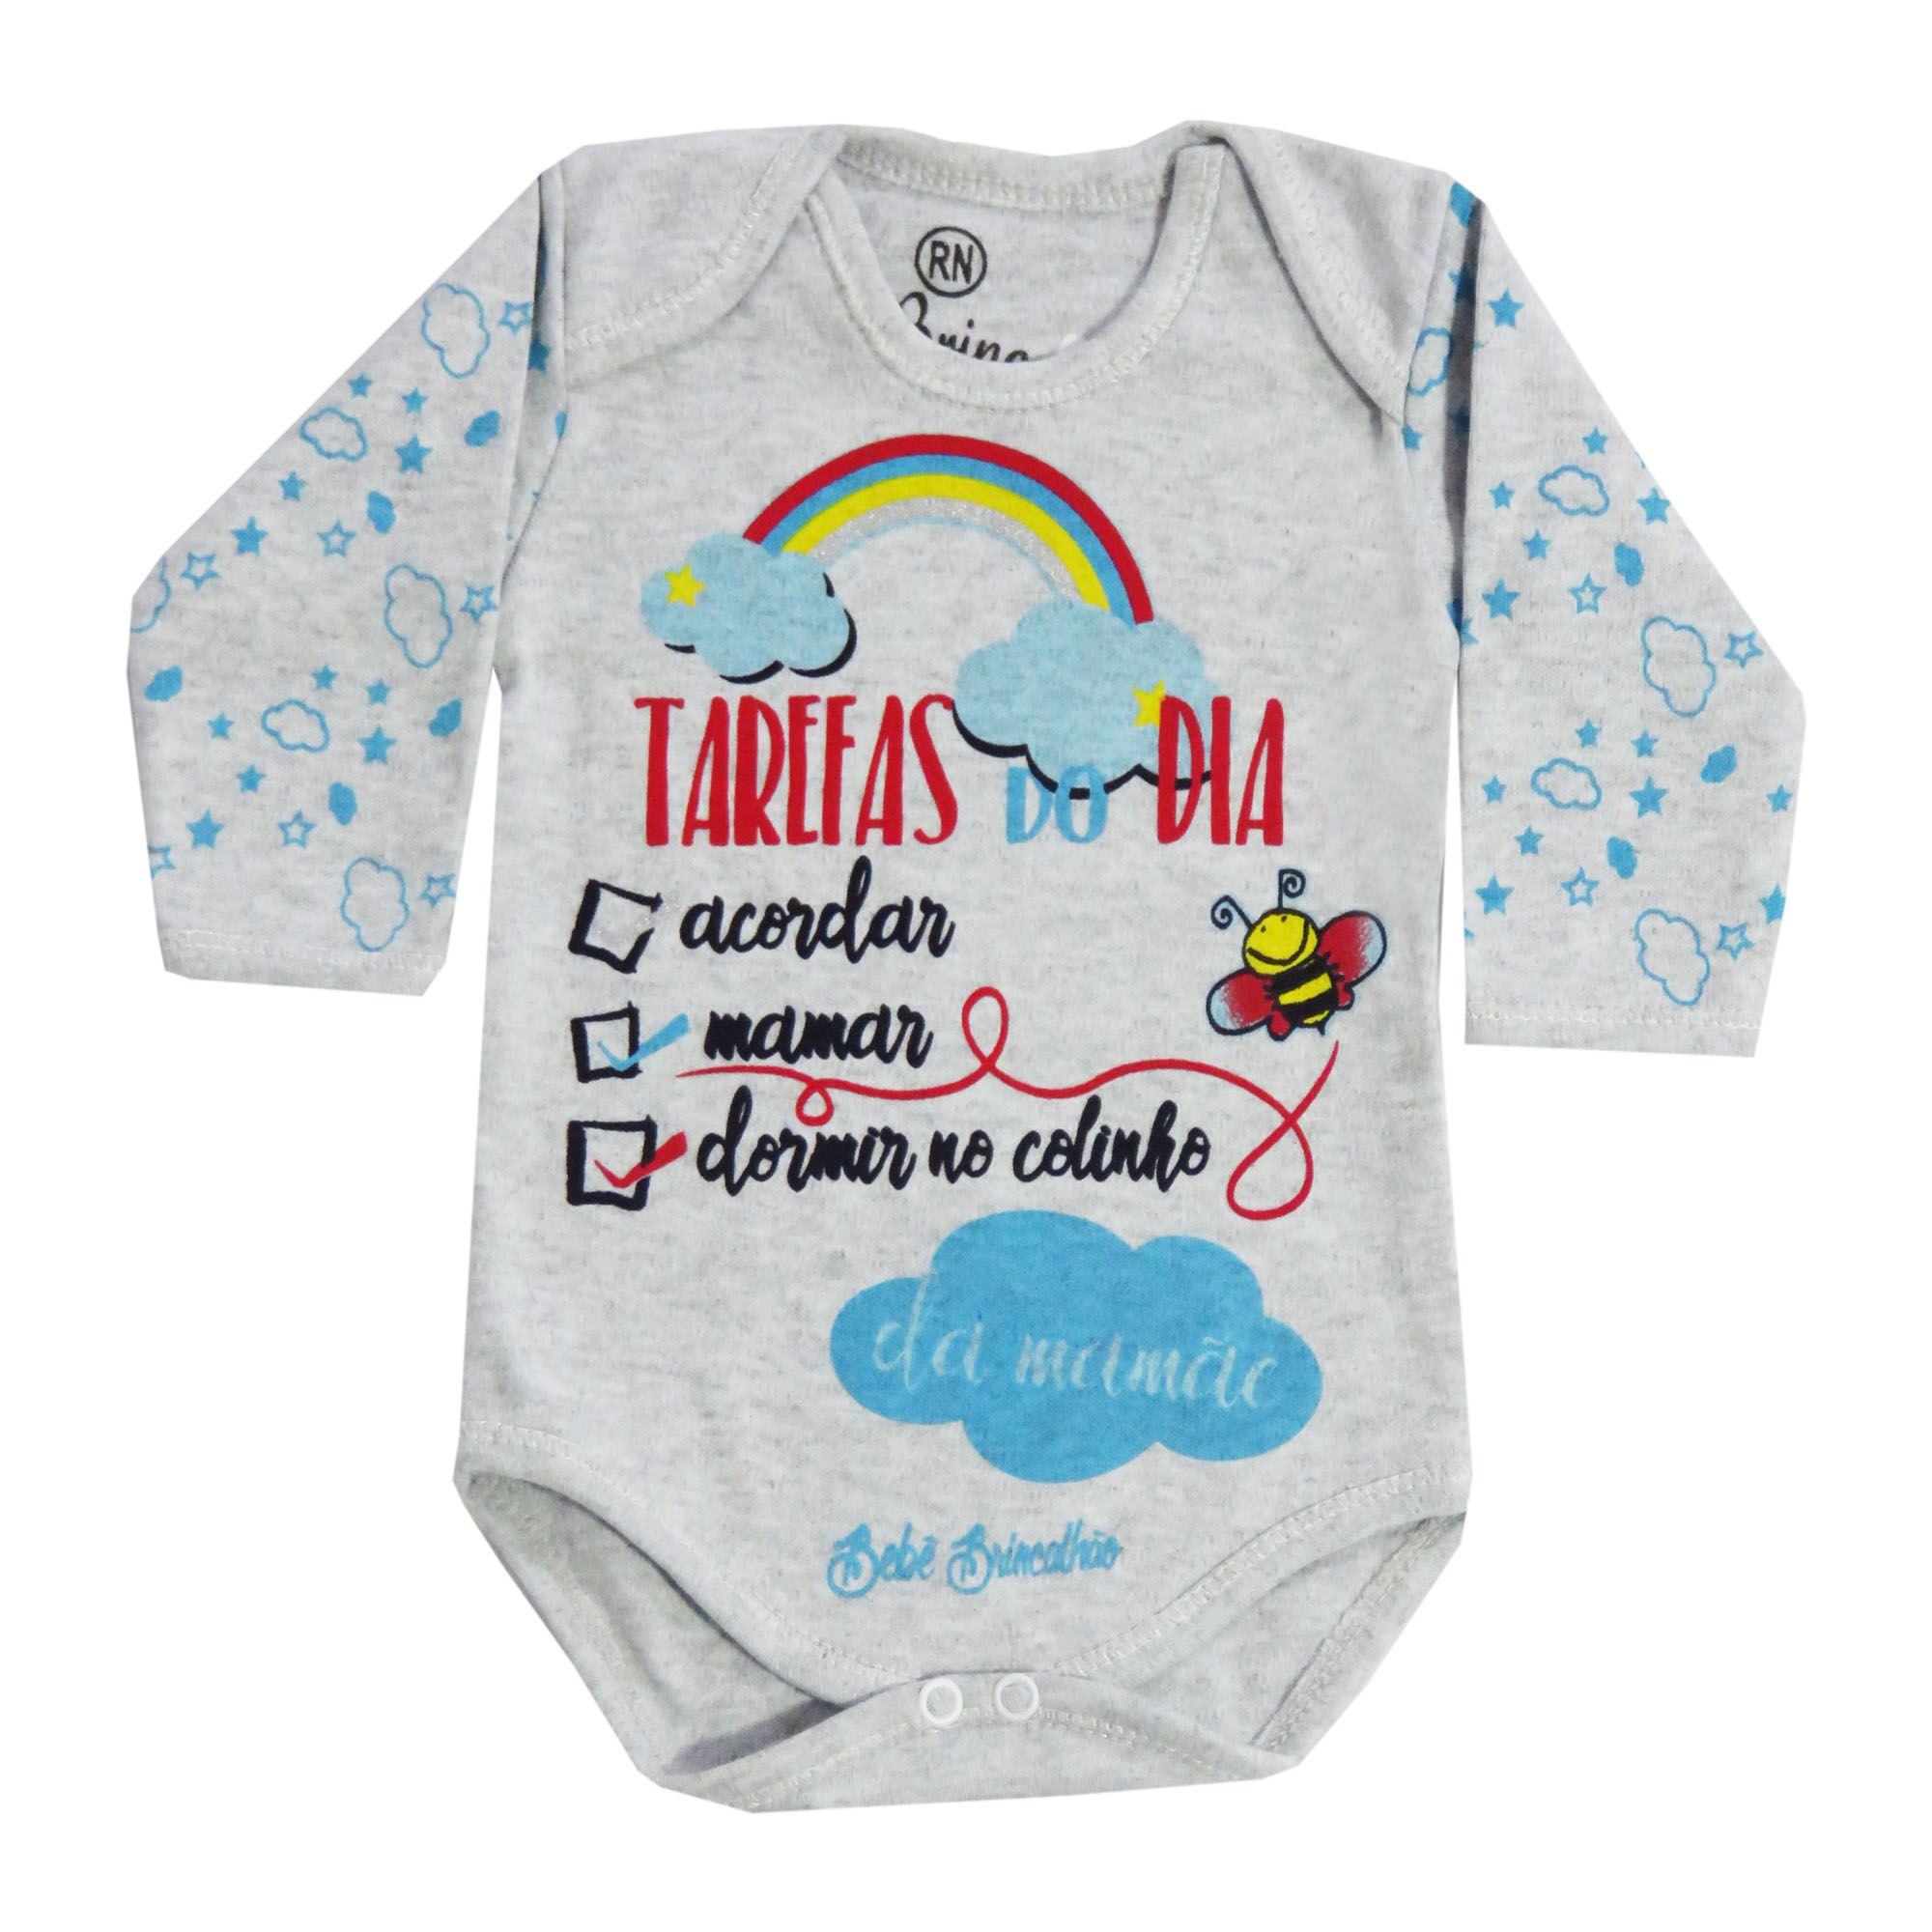 Body Bebê Brincalhão Frases Tarefas do Dia Acordar, Mamar, Dormir no Colinho da Mamãe - Rn ao G